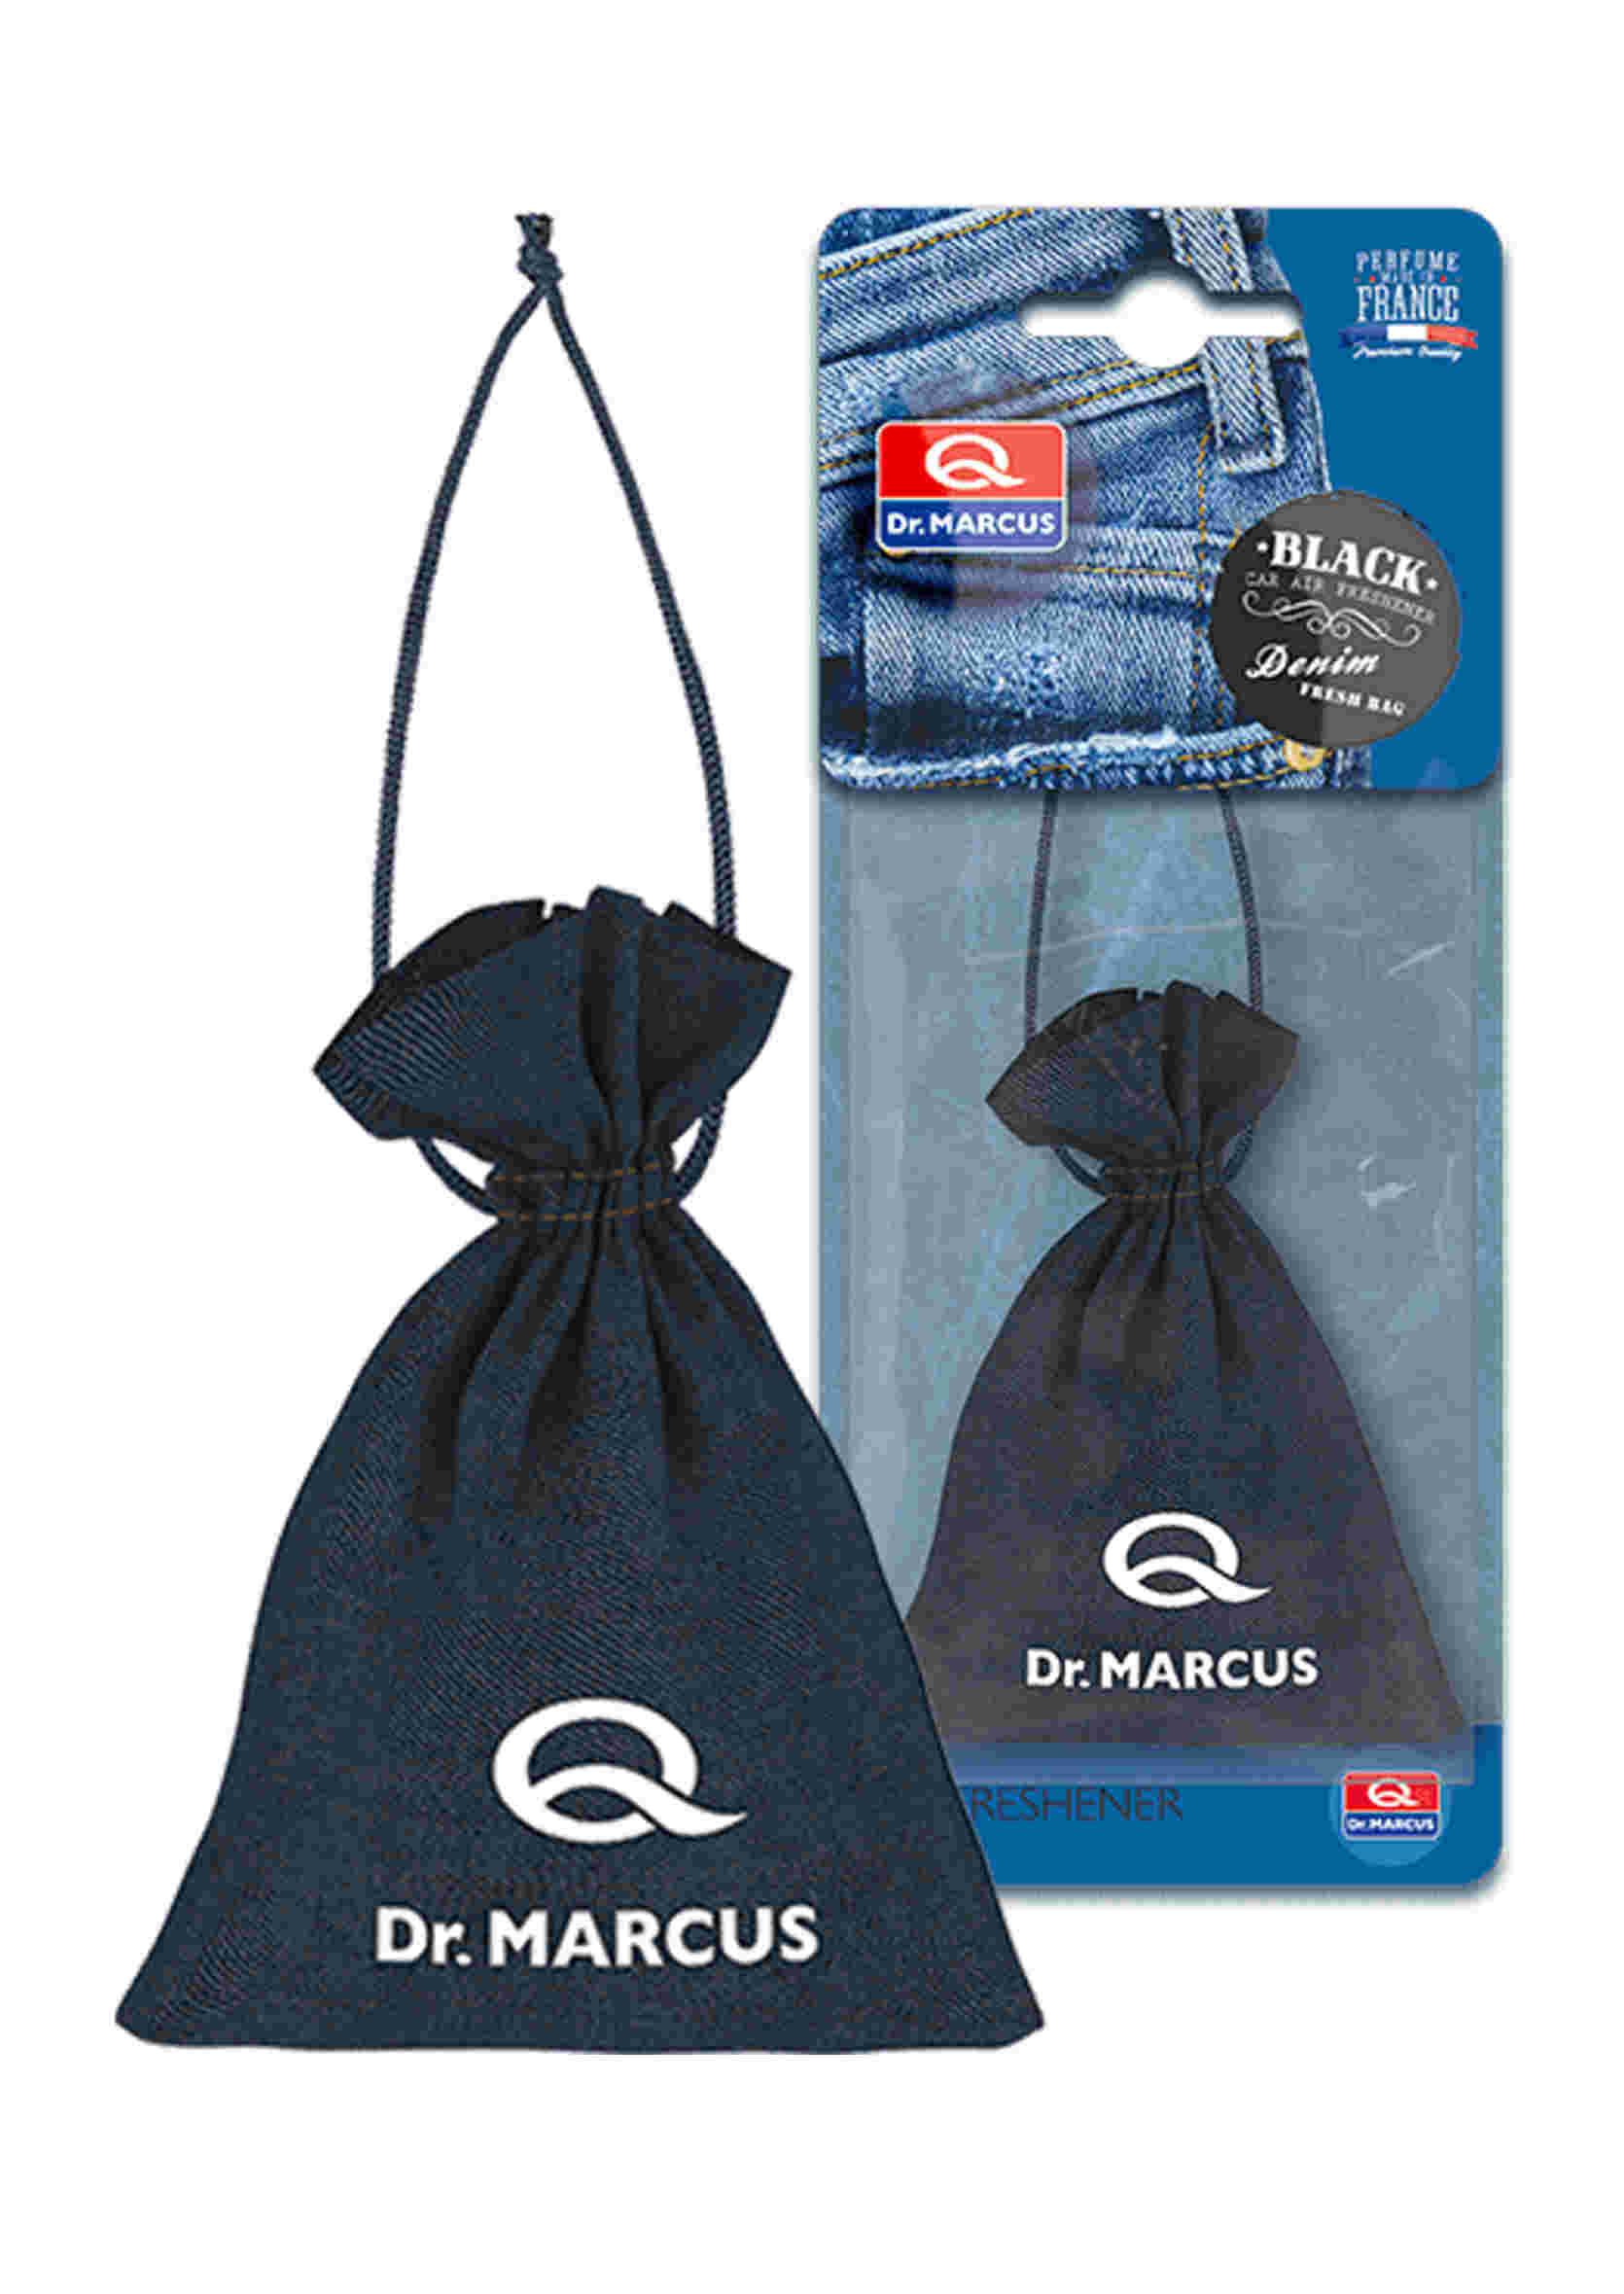 Dr. Marcus Fresh Bag Denim Black 20g Woreczek Zapachowy Perfumowany